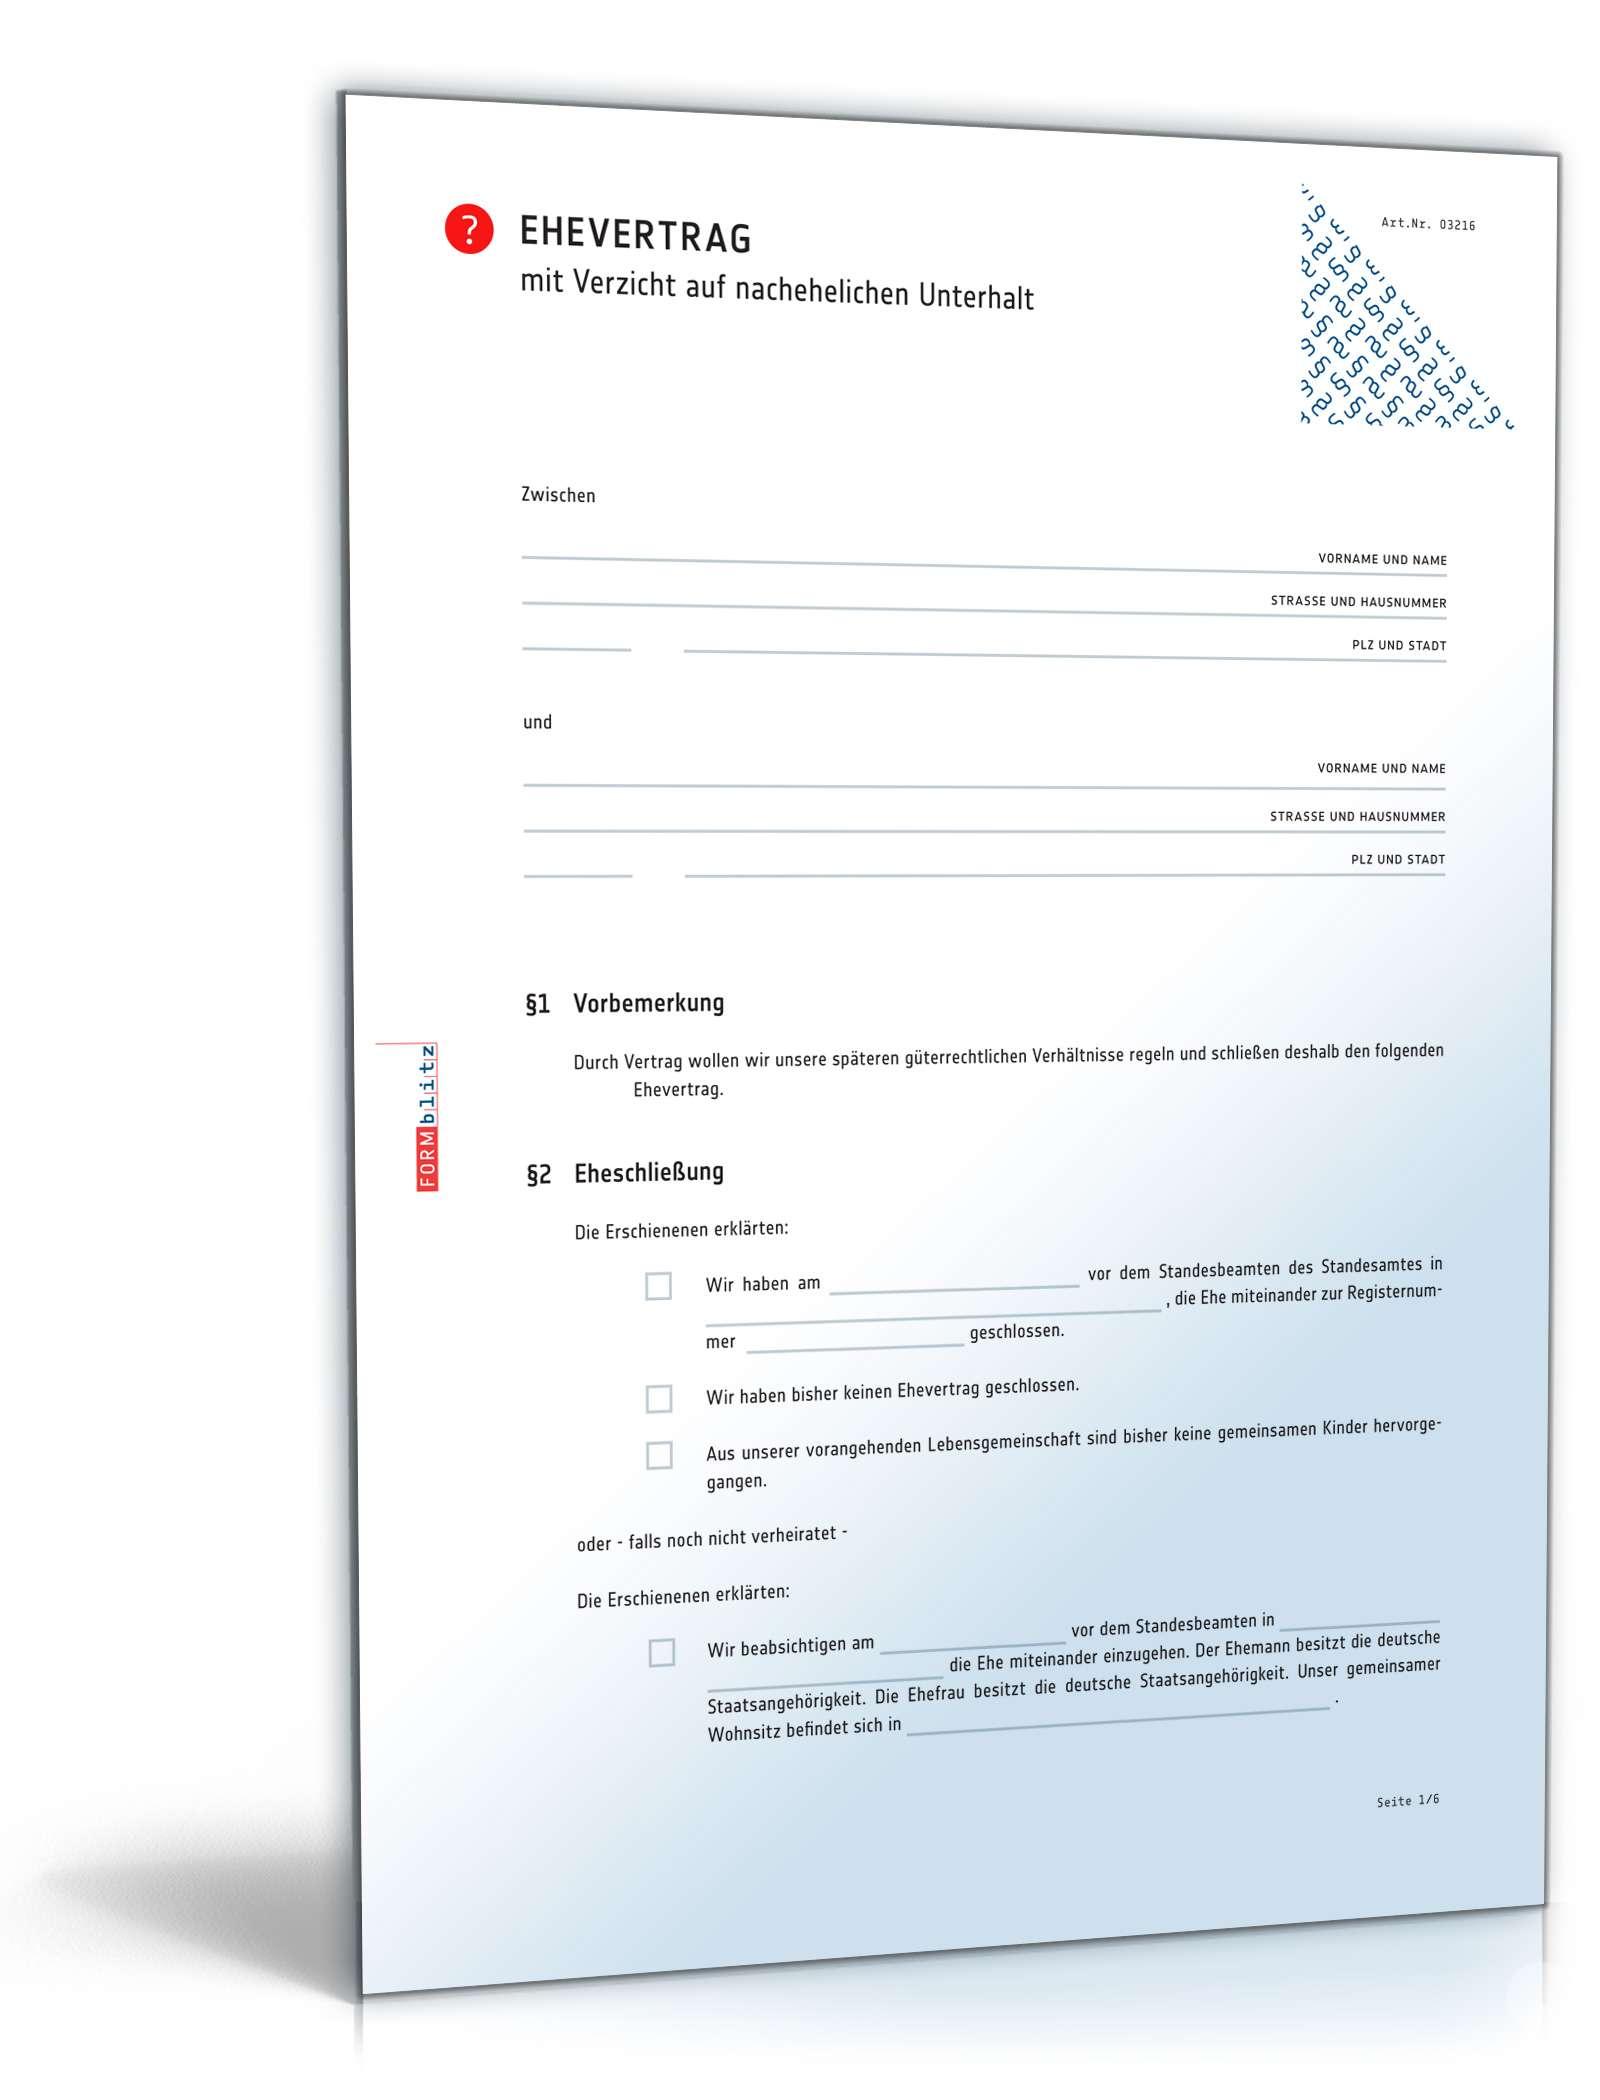 Berühmt Verzicht Vorlage Galerie - Entry Level Resume Vorlagen ...